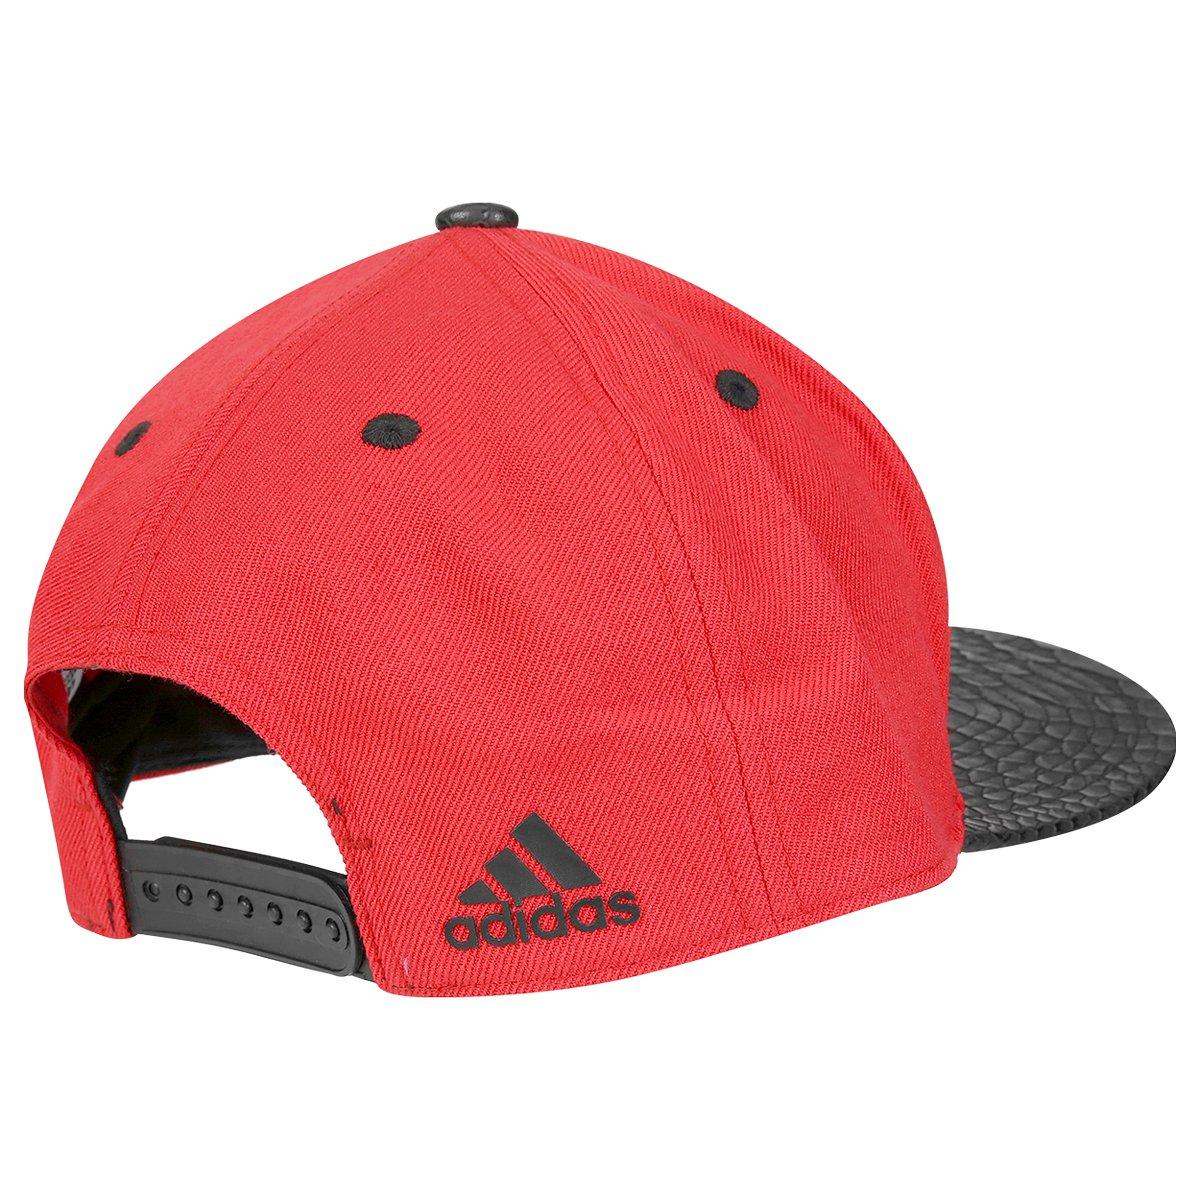 Boné Adidas Derrick Rose 5 - Compre Agora  a1379eafa2d